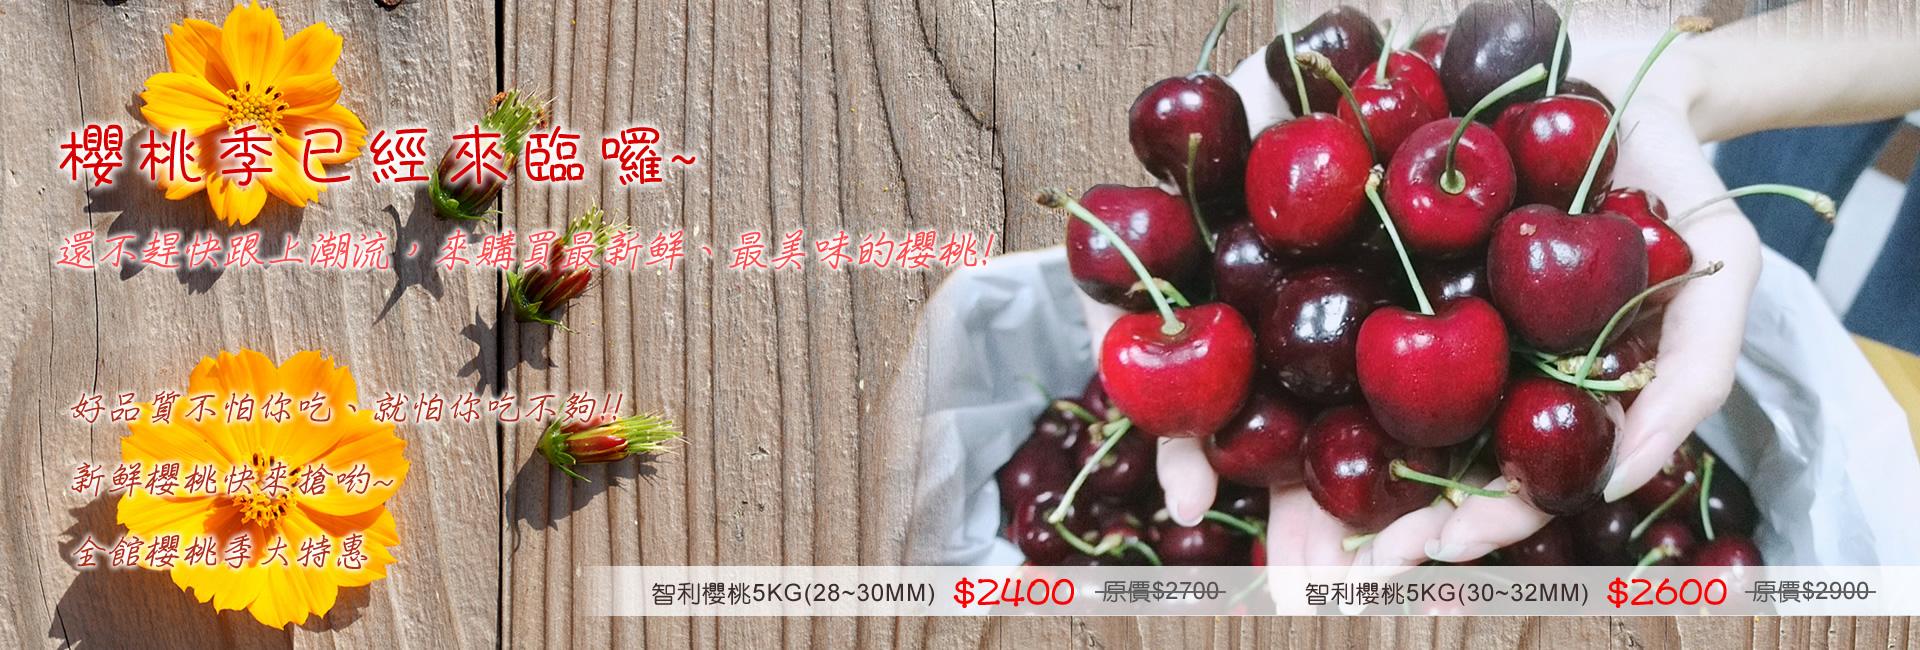 水果小棧,水果宅配網,水果禮盒,進口水果,富士蘋果,加拿大櫻桃,加州白甜桃,紅心奇異果